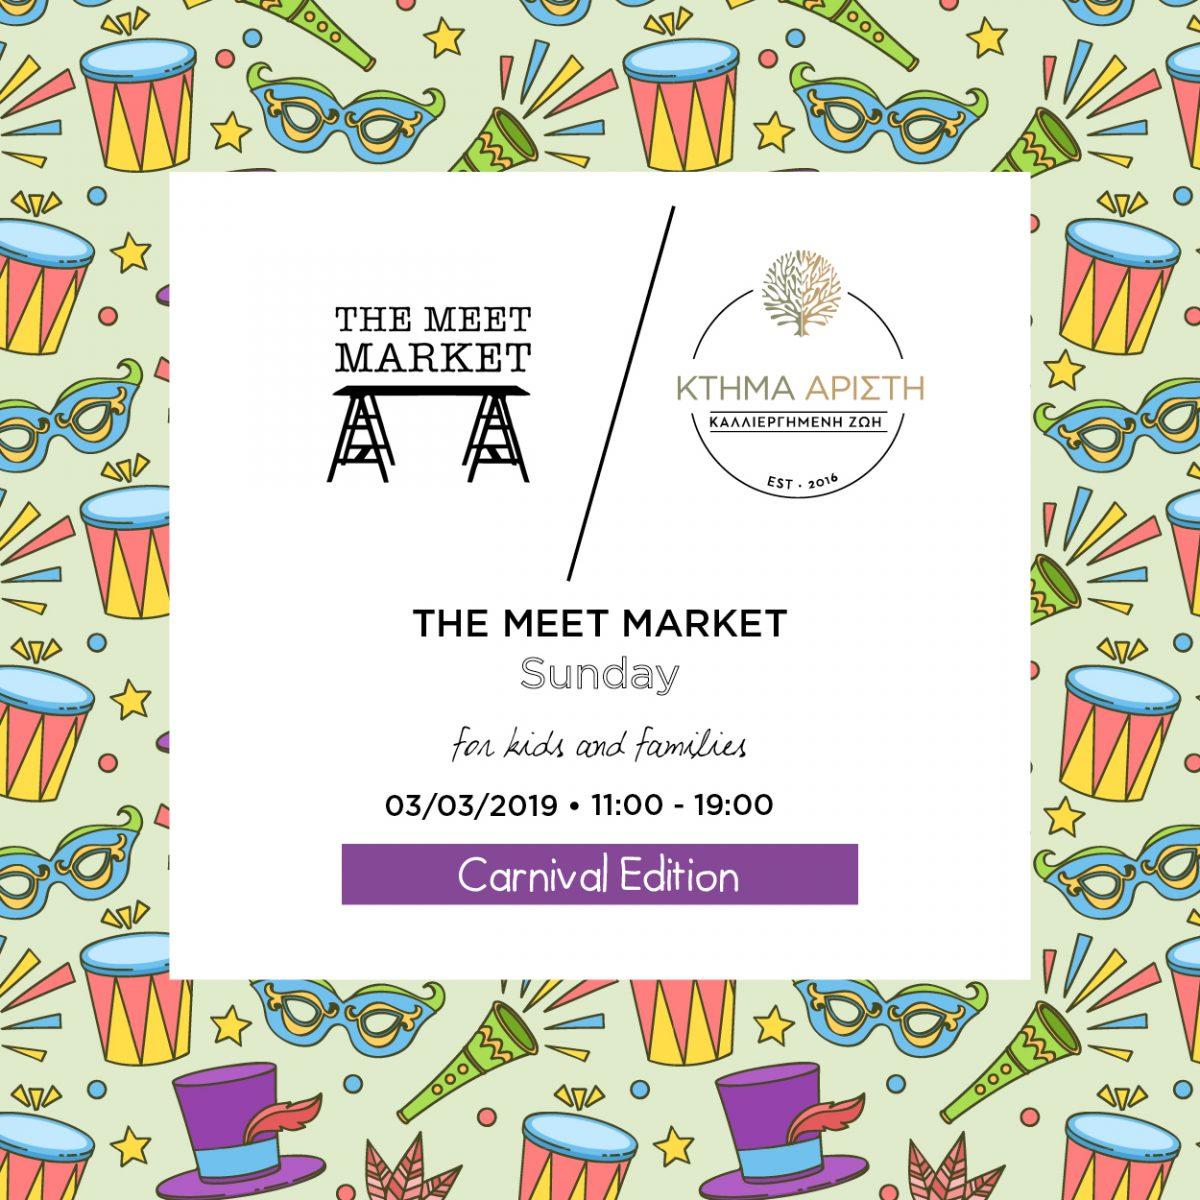 The Meet Market for Kids and families  Carnival Edition Κυριακή 3 Μαρτίου 2019 Πλουτάρχου & Κέας, Χαλάνδρι, 15234 11:00 – 19:00 Είσοδος Ελεύθερη / Ελεύθερο Parking